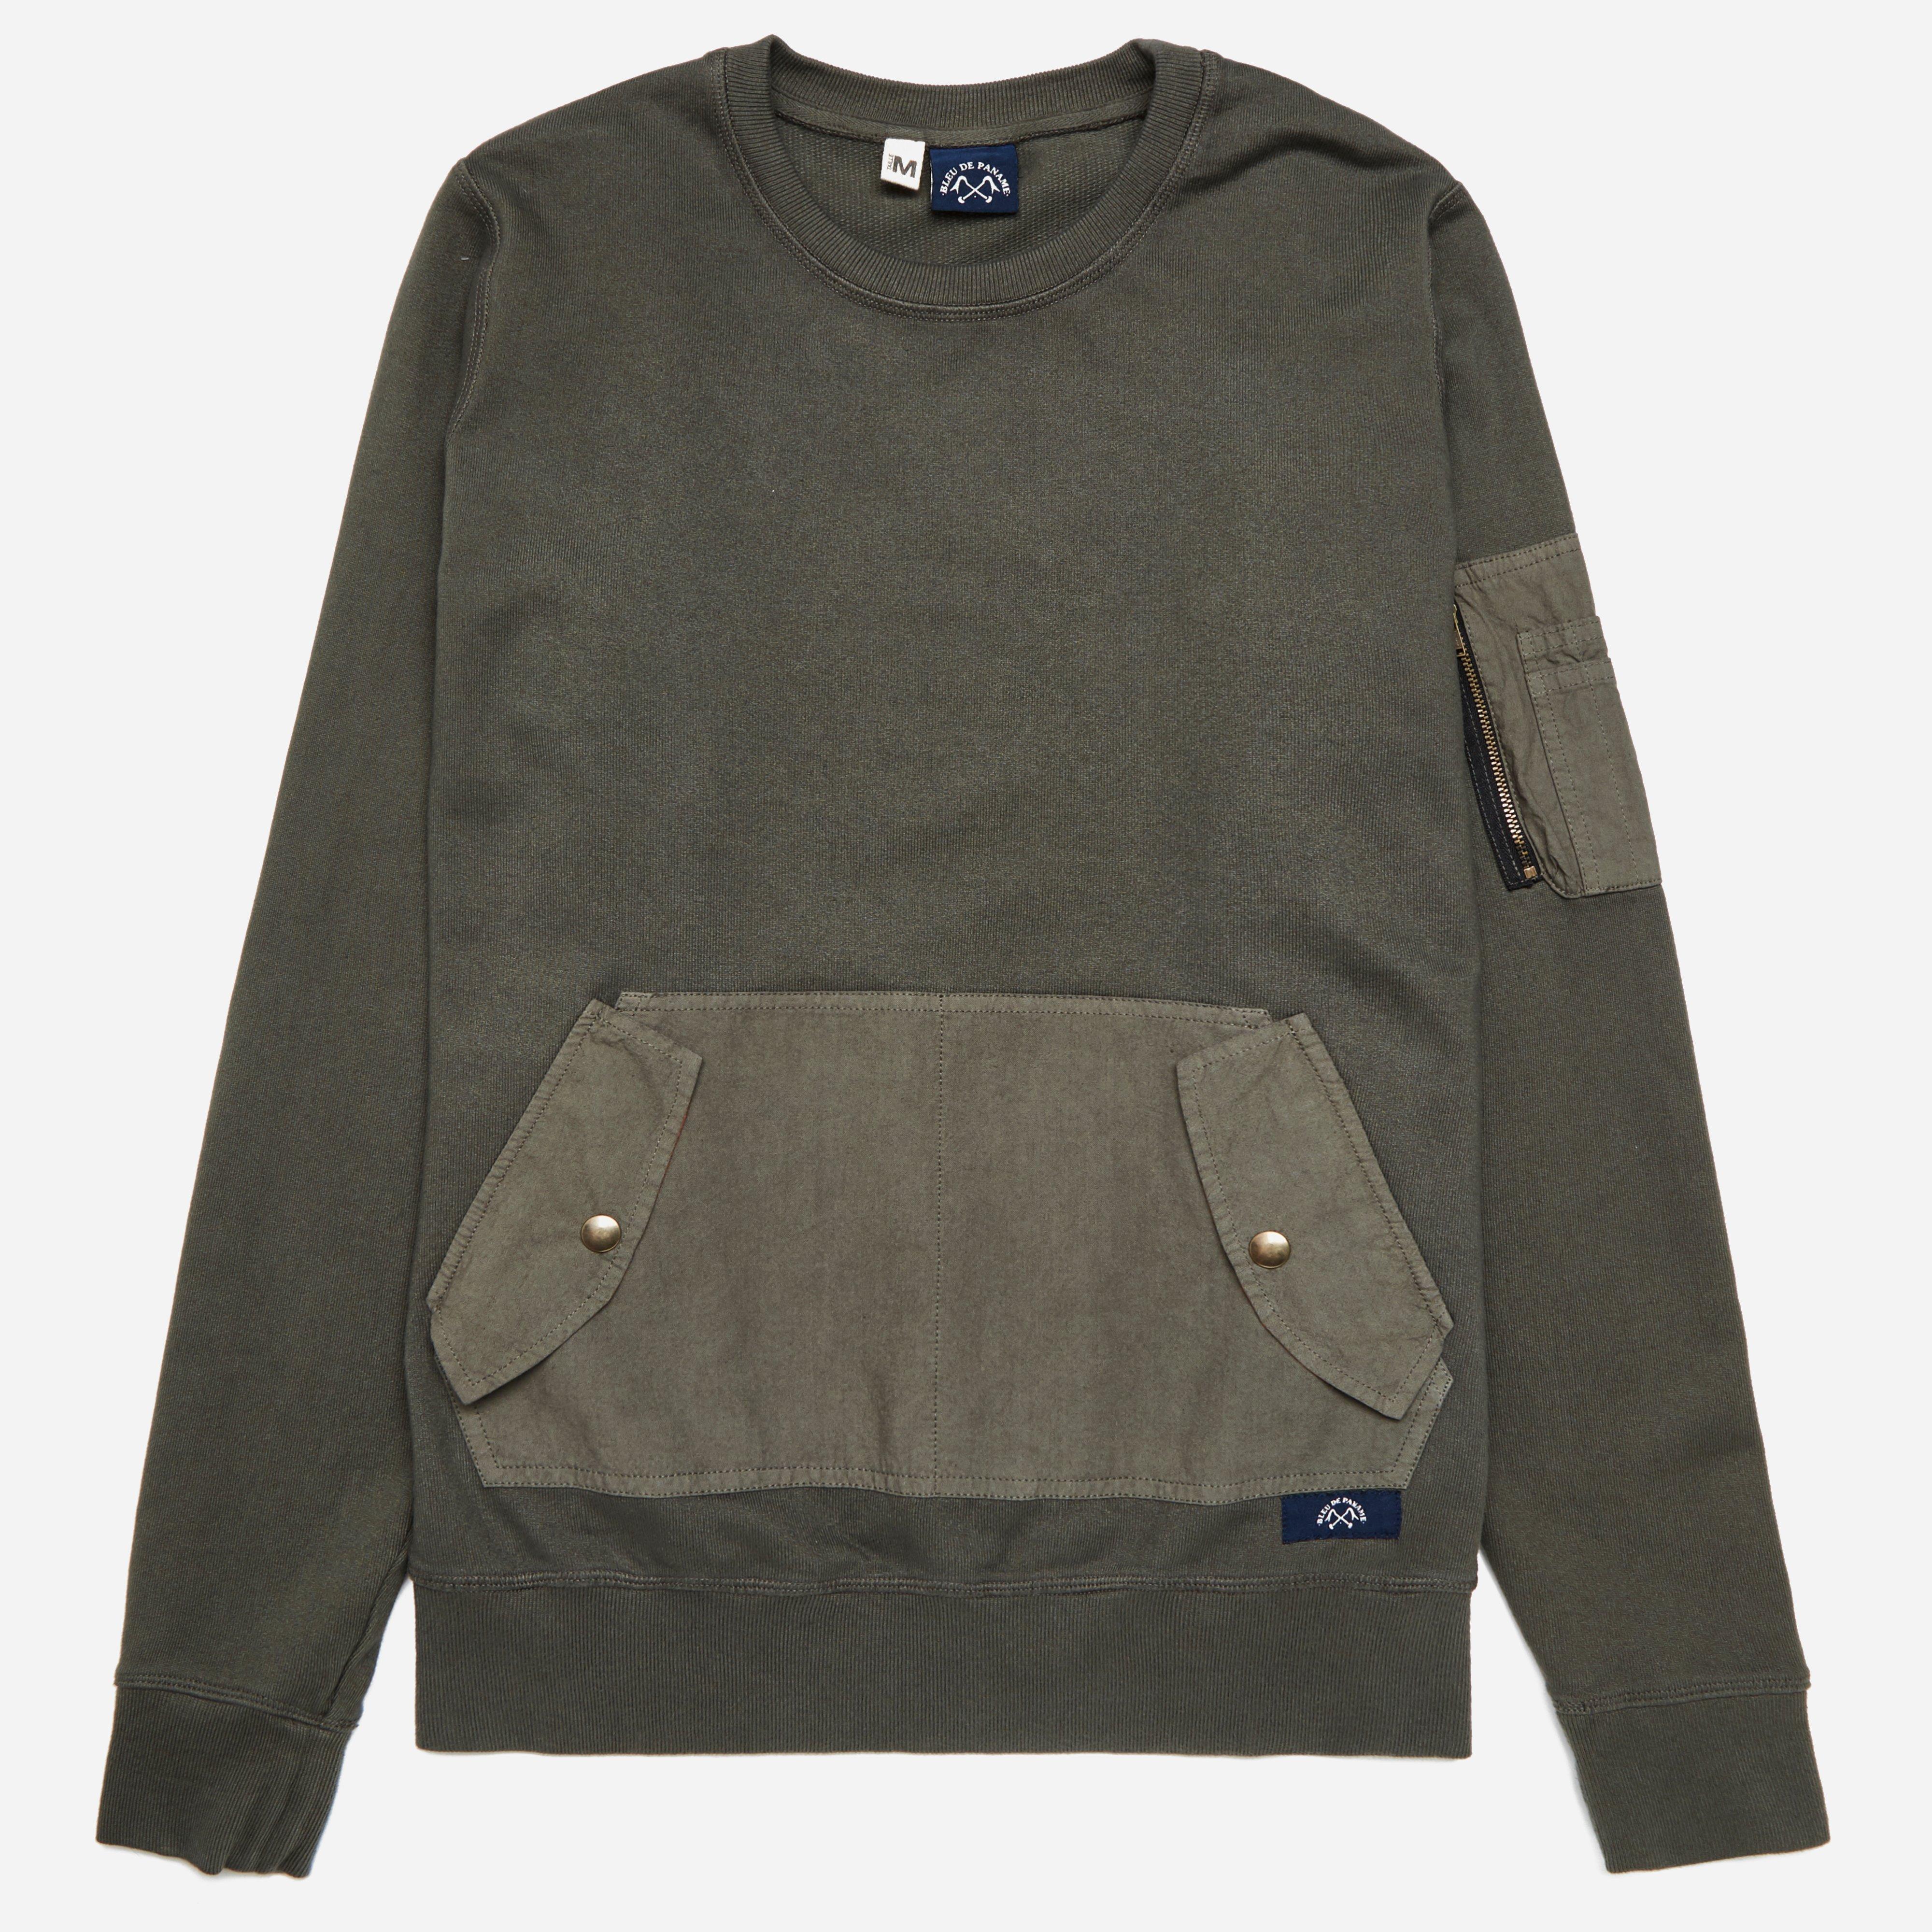 Bleu De Paname Compat Sweatshirt